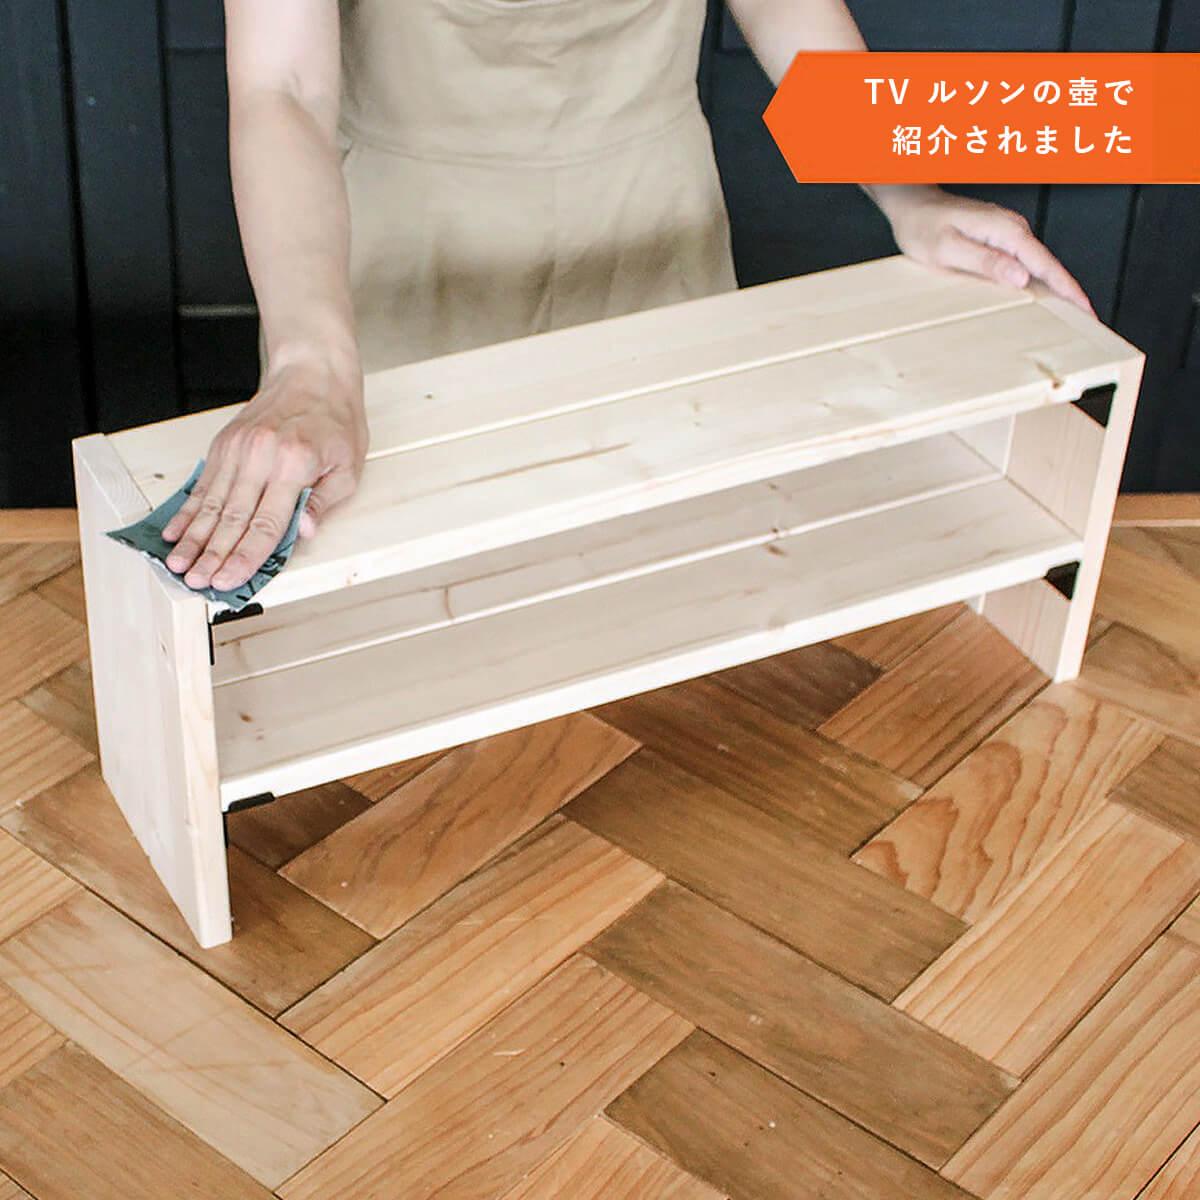 木×アイアン 2wayが嬉しいサイドテーブル